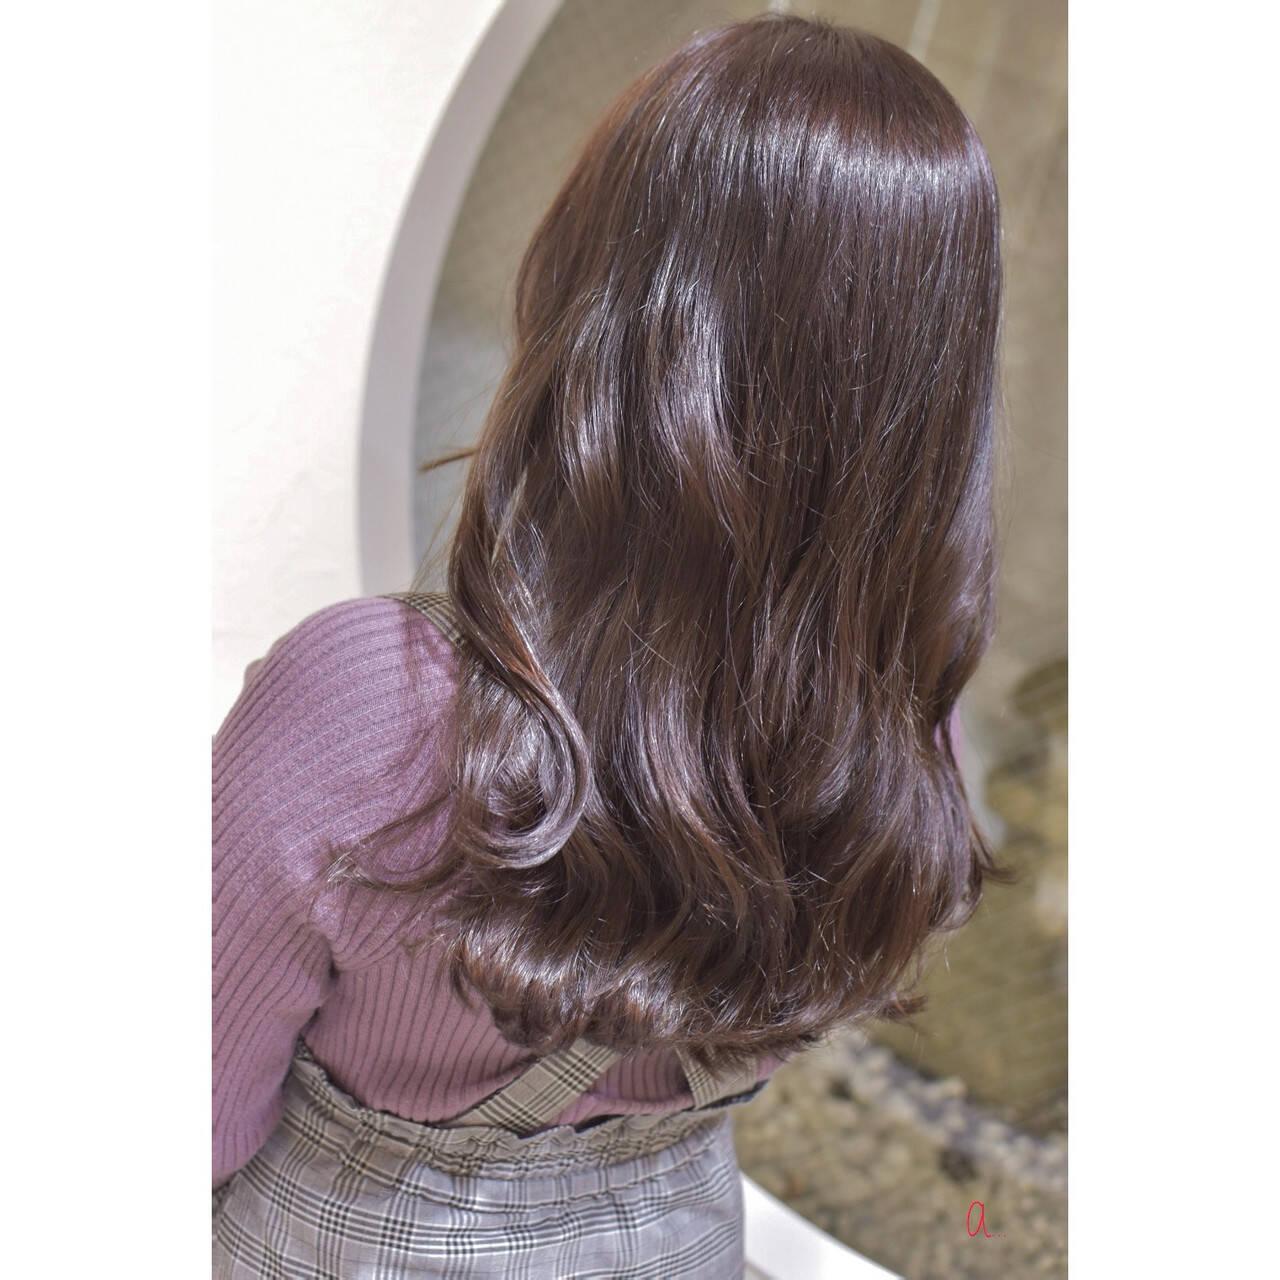 ラベンダーカラー エレガント 暗髪バイオレット ラベンダーピンクヘアスタイルや髪型の写真・画像